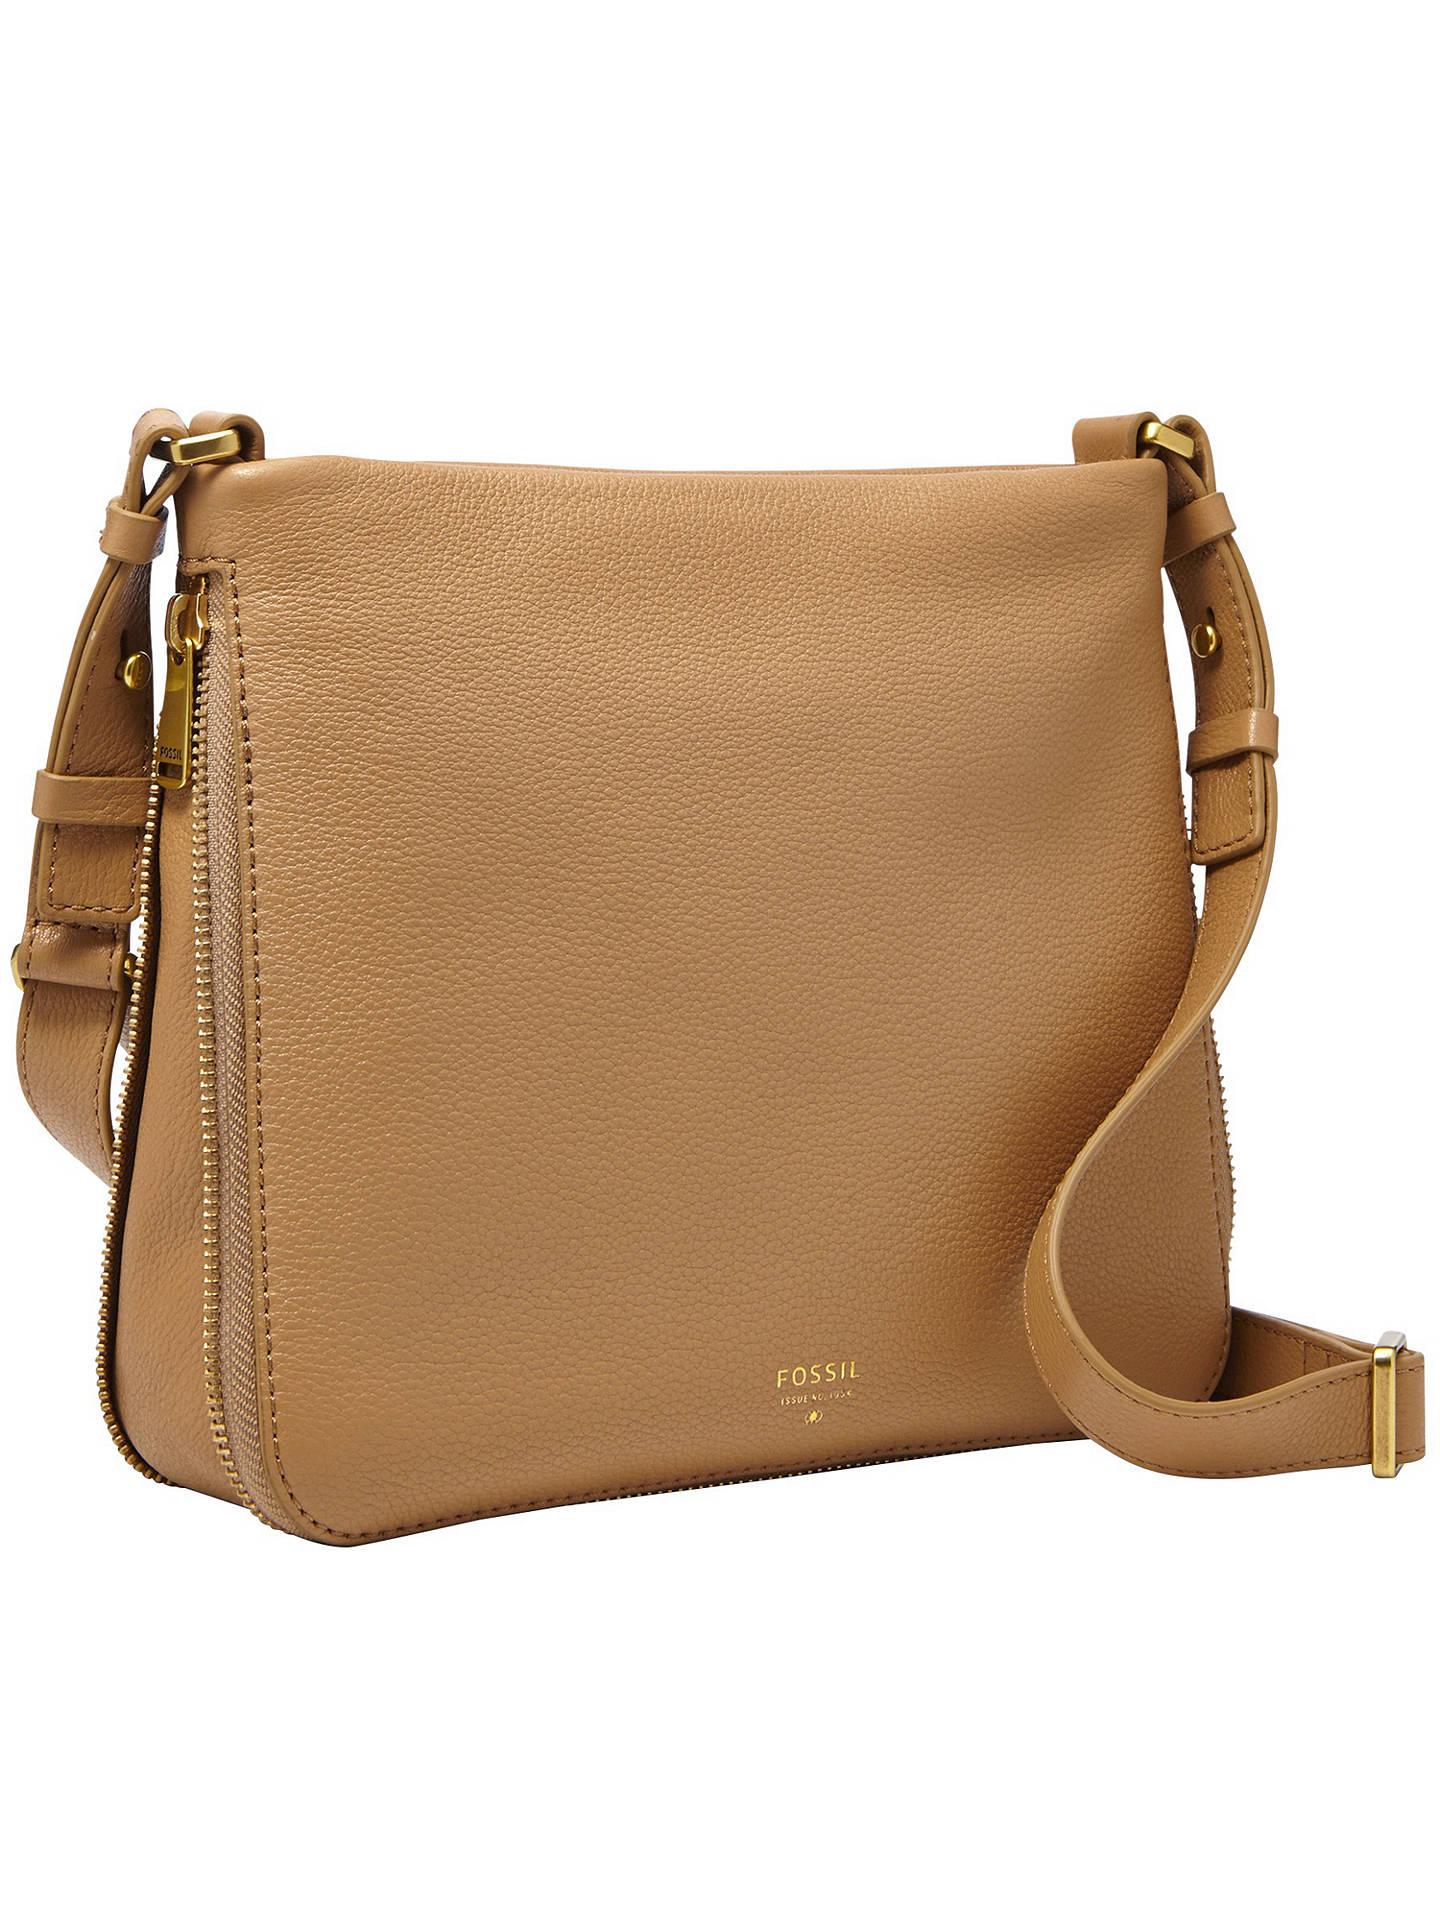 7bd1f939f ... Buy Fossil Preston Leather Satchel Bag, Beige Online at johnlewis.com  ...